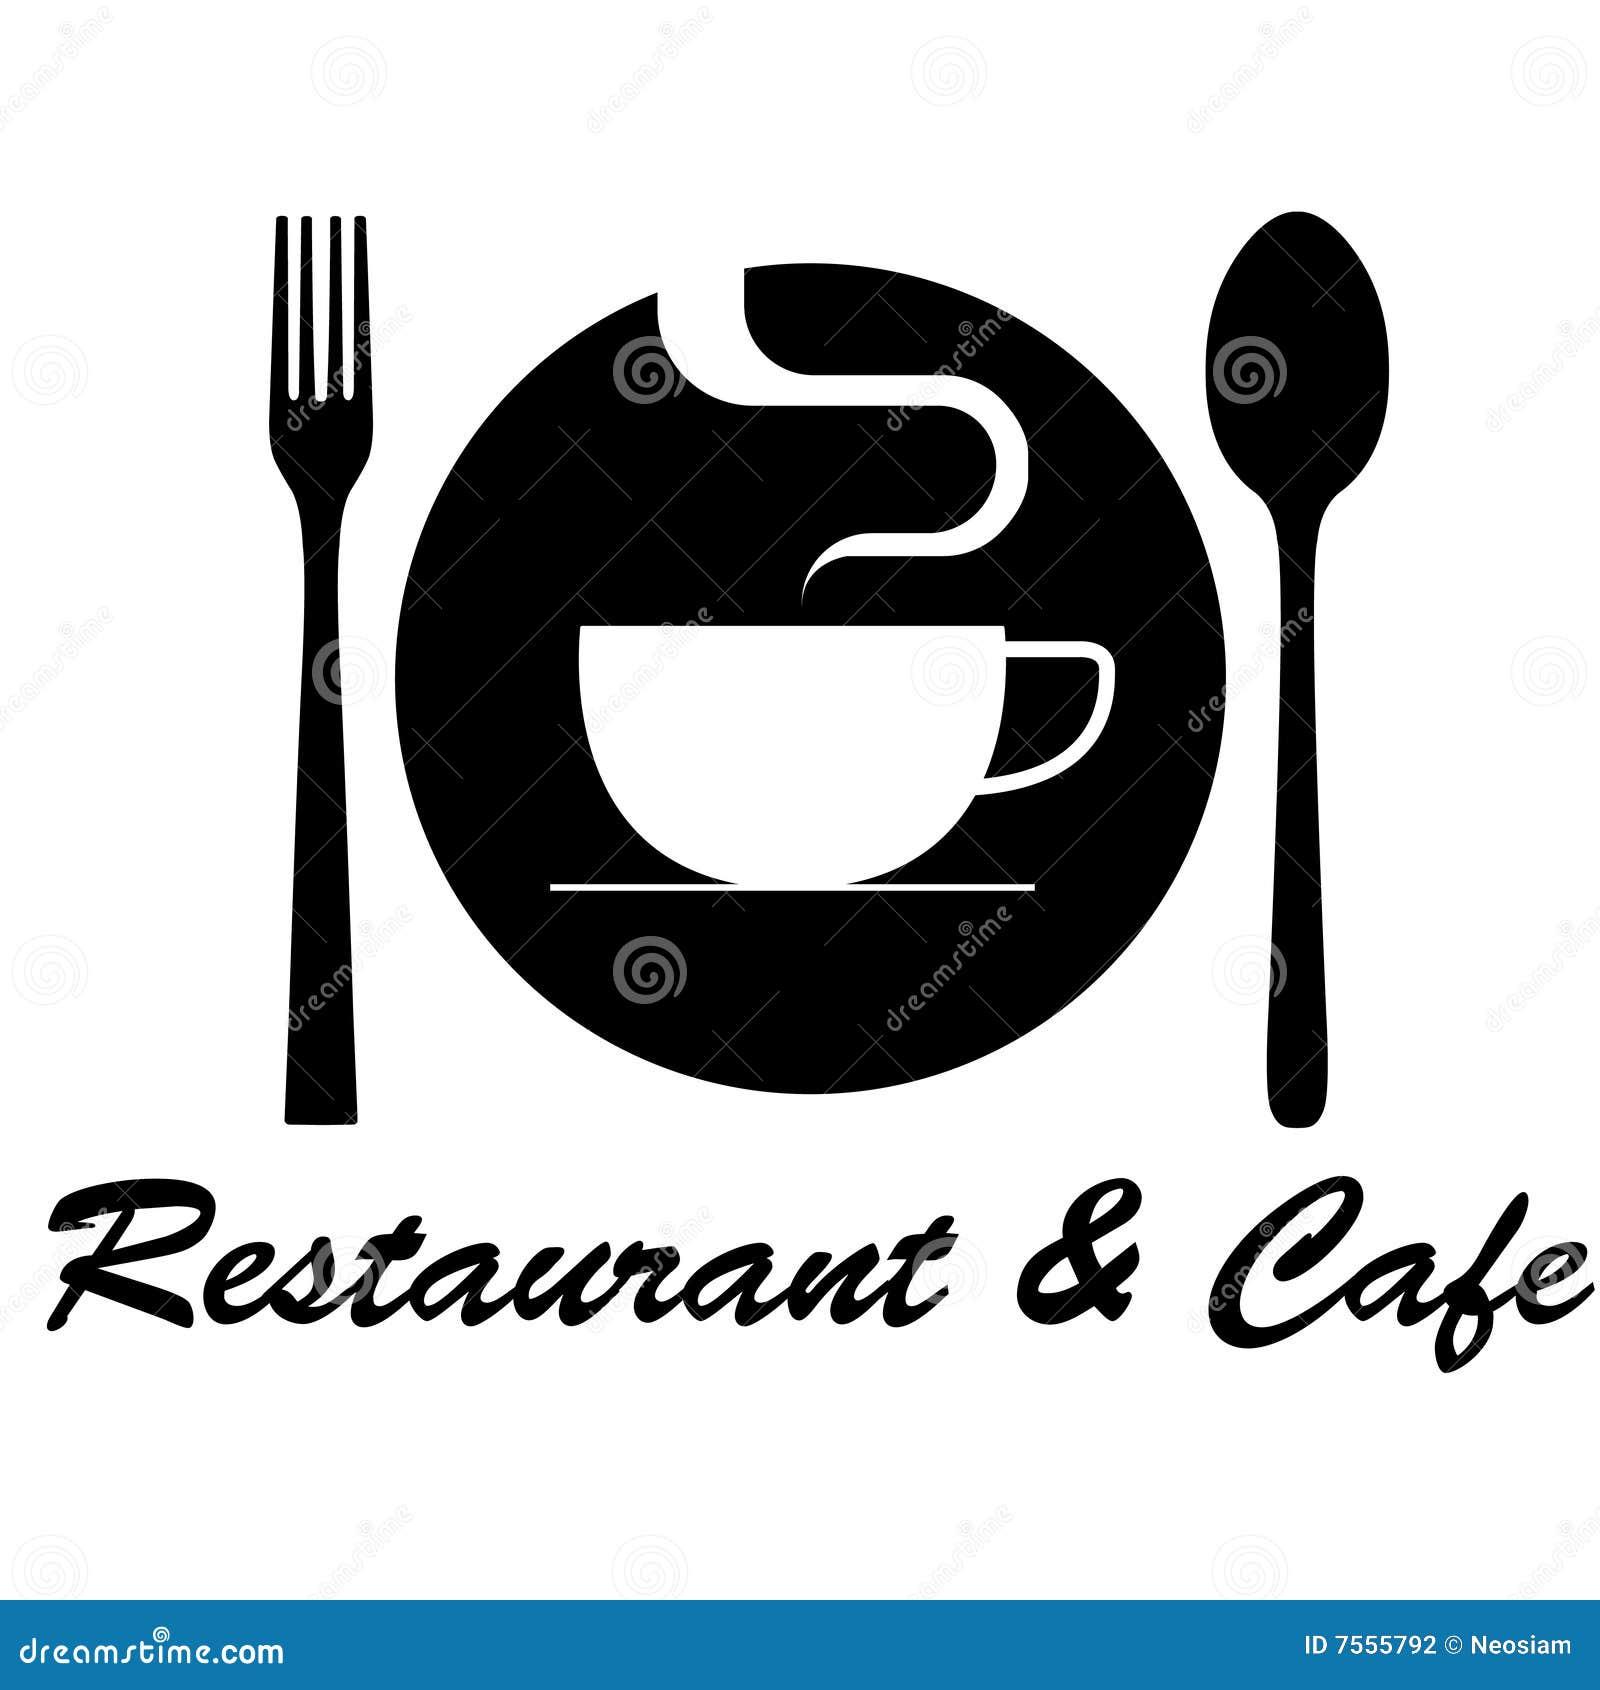 Restaurant amp Cafe Logo Stock Photography Image 7555792